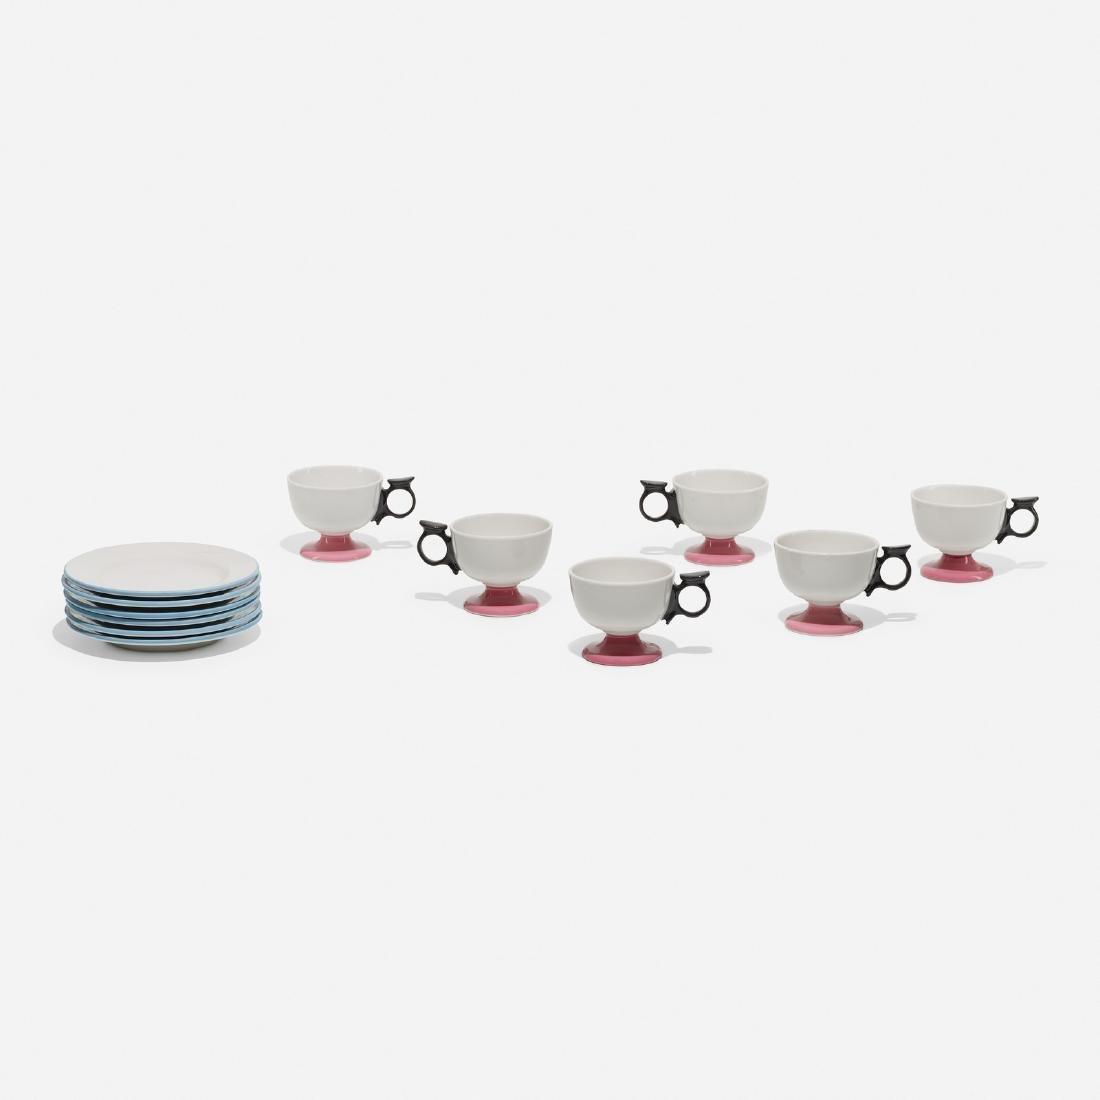 Girard, 6 cups and dessert plates, La Fonda del Sol